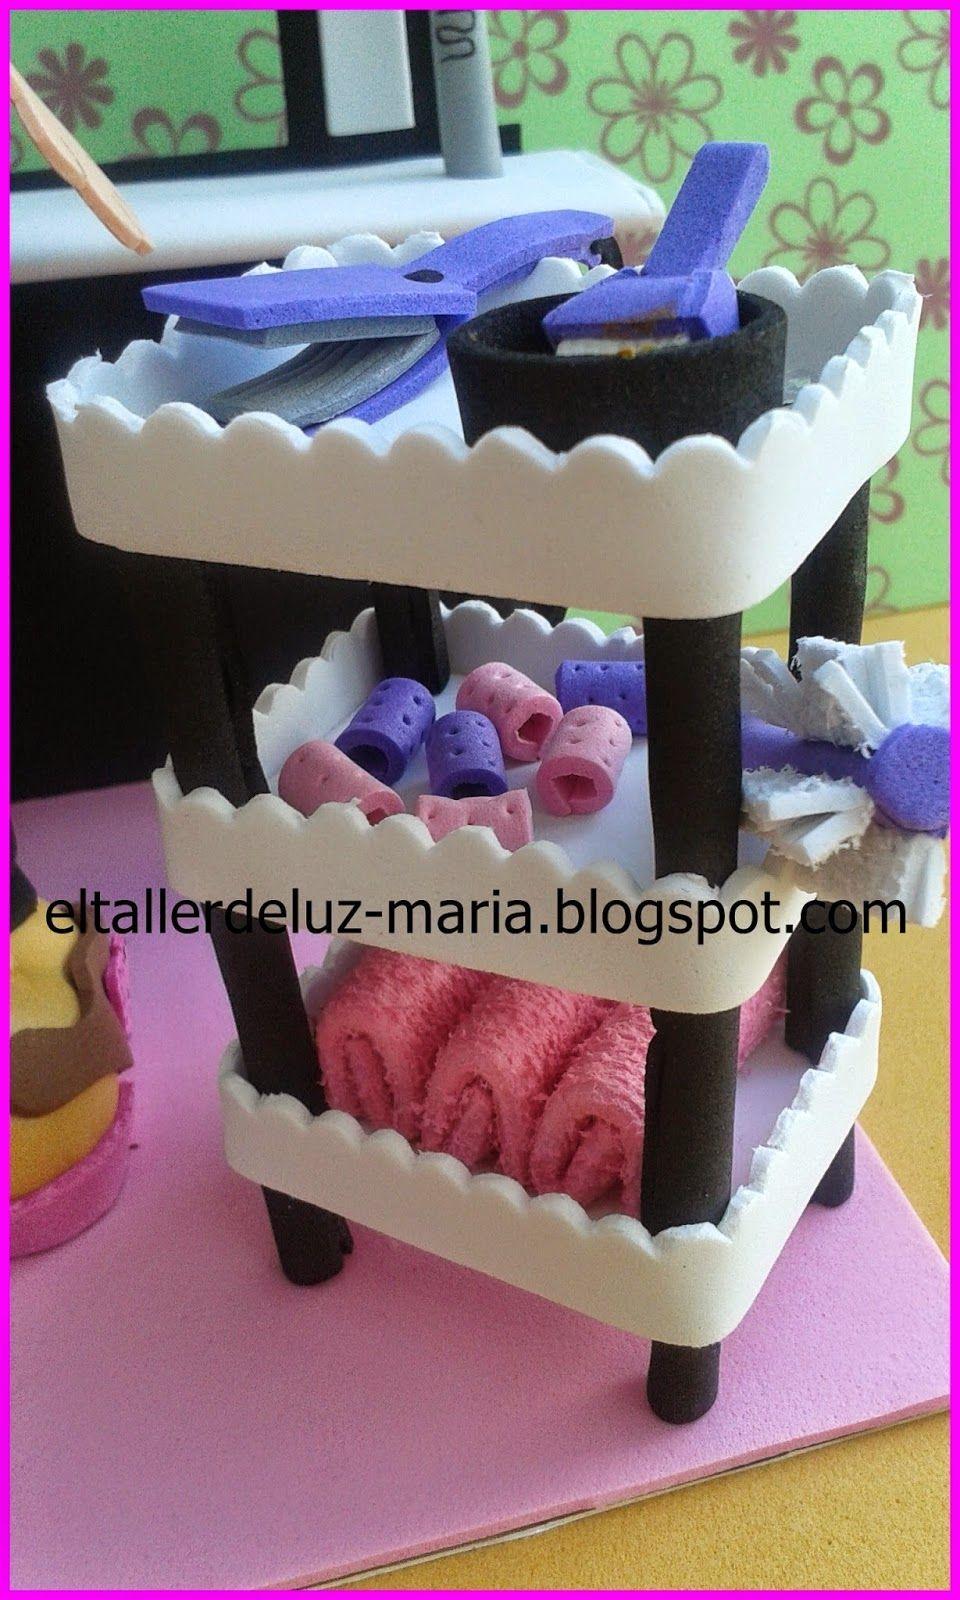 Todo tipo de manualidades en goma eva. Ideal para regalos y detalles ...